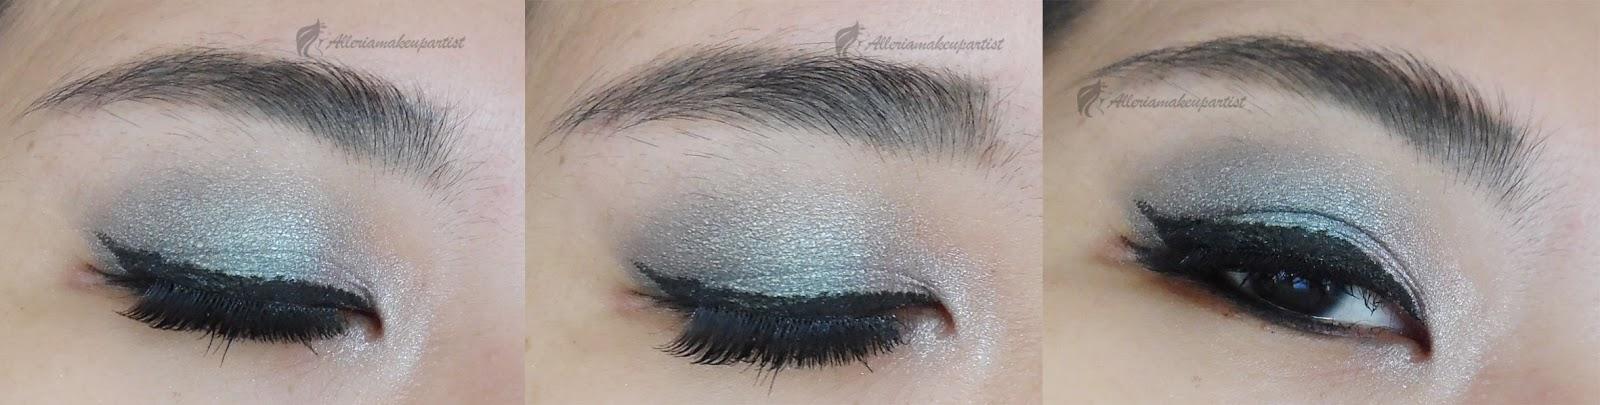 elf-waterproof-eyeliner-pen-review.jpg